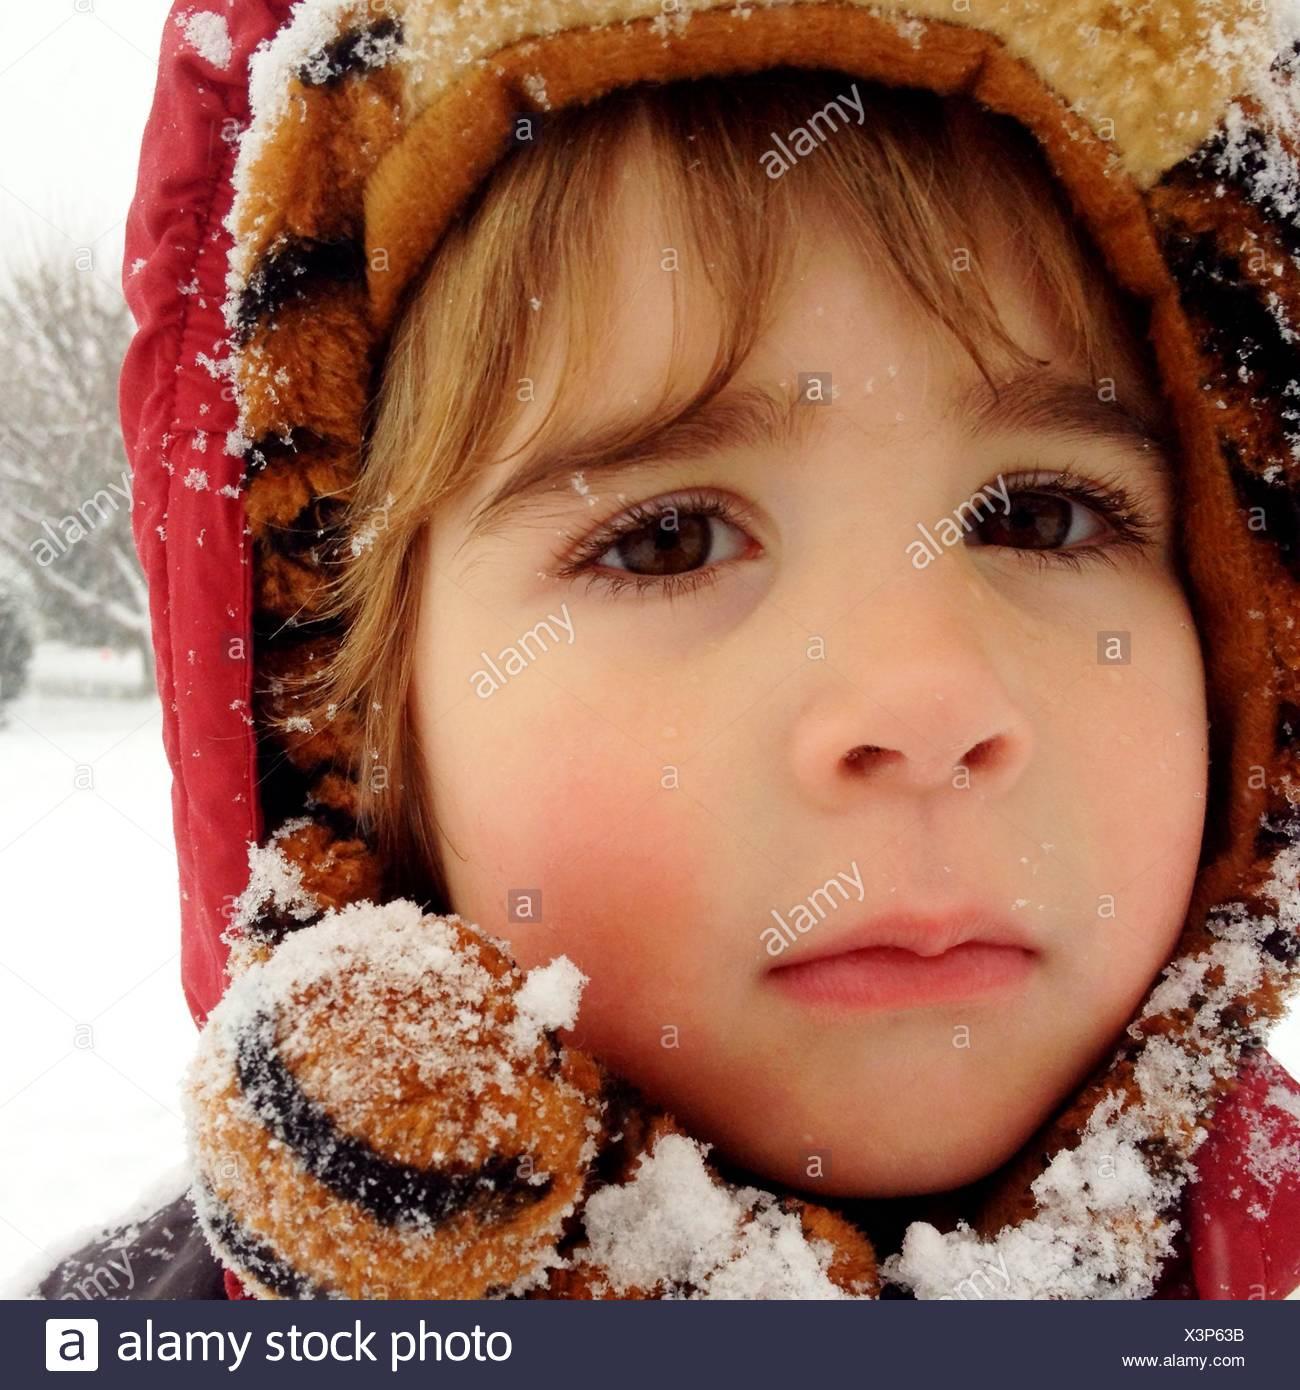 Portrait d'un jeune garçon portant des vêtements d'hiver à capuchon saupoudré de neige Photo Stock